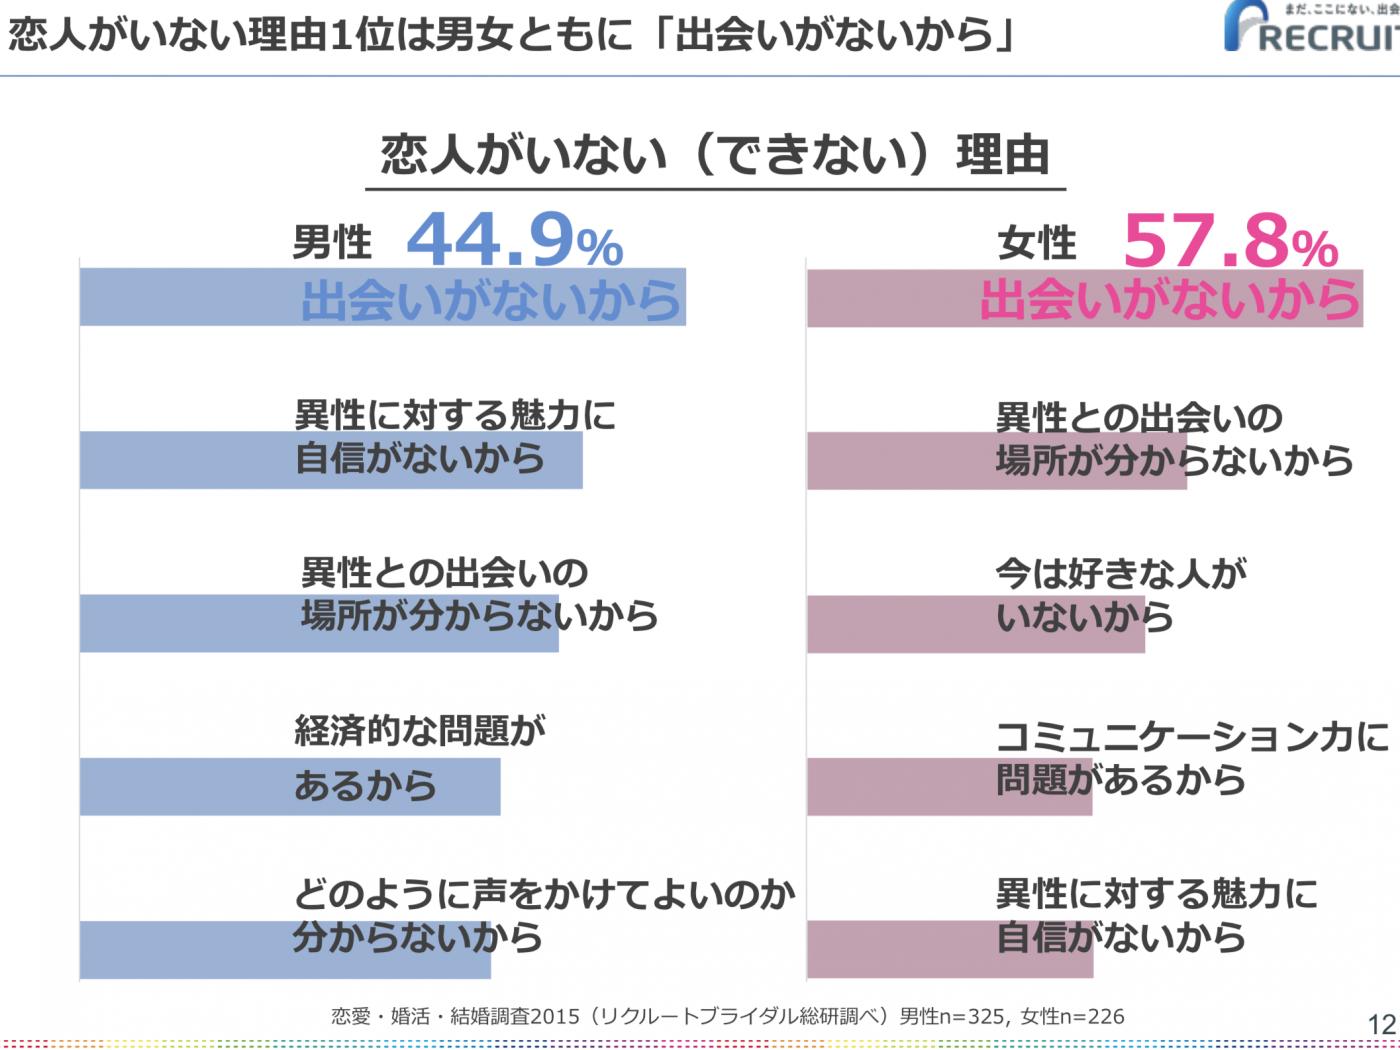 恋活・婚活・結婚調査2015(リクルートブライダル調べ)